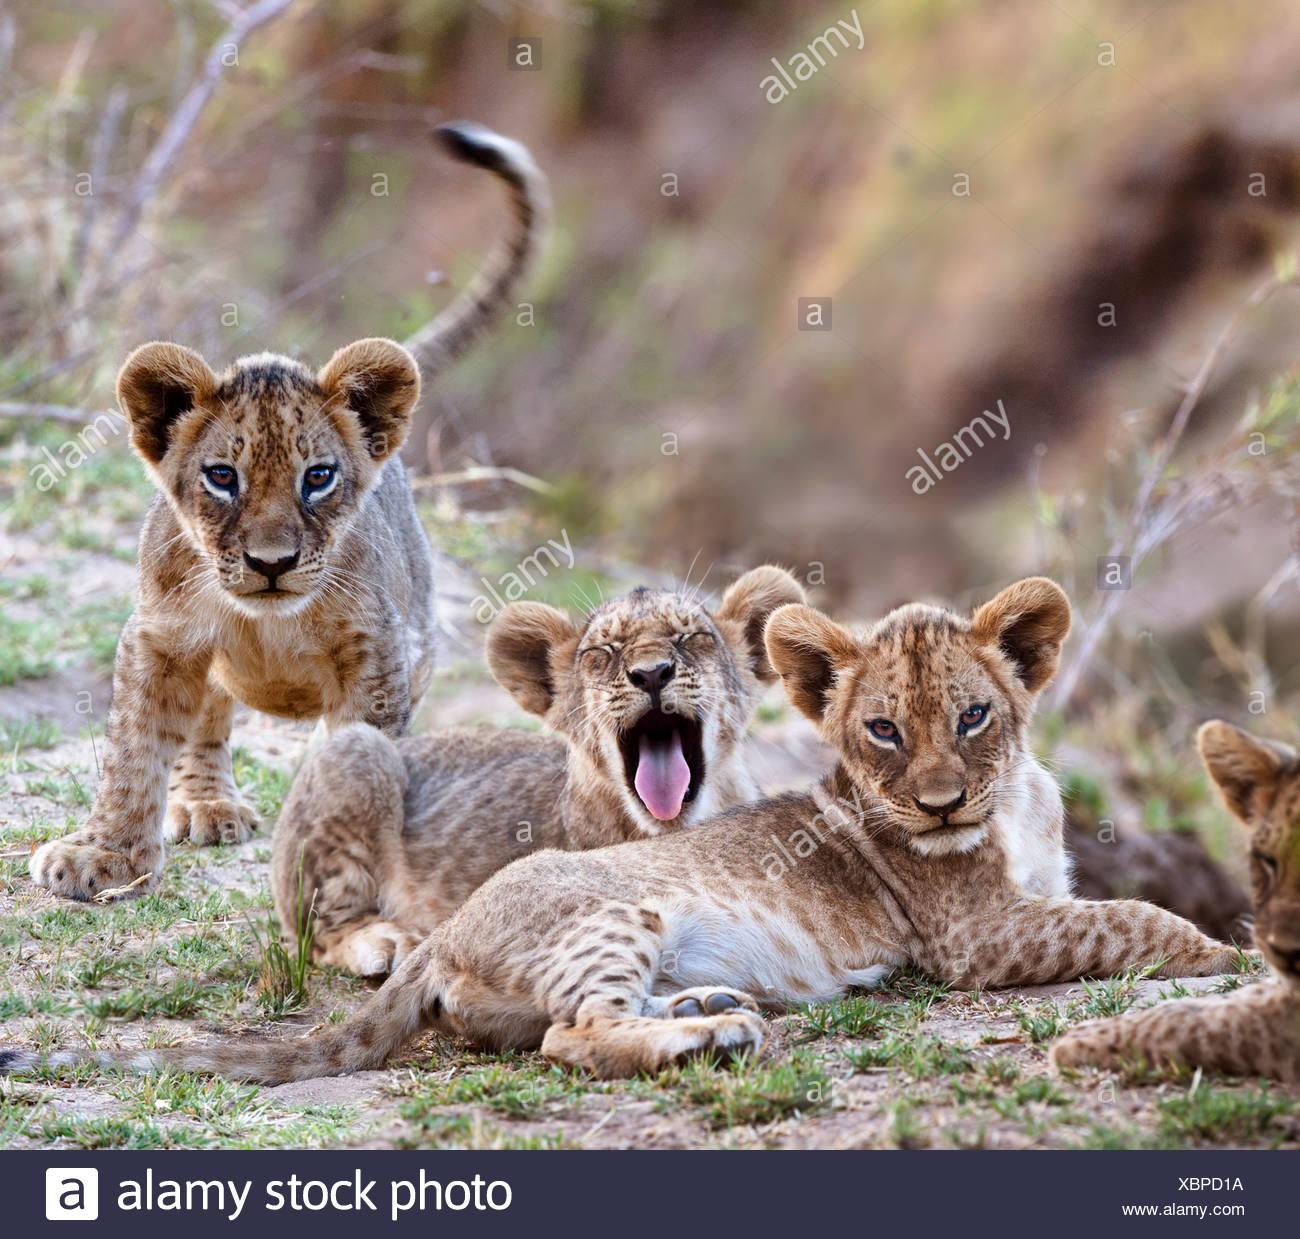 Cachorros de león africano - aprox 3 meses de edad - cerca del río Luangwa. El Parque Nacional Luangwa del Sur, Zambia Imagen De Stock